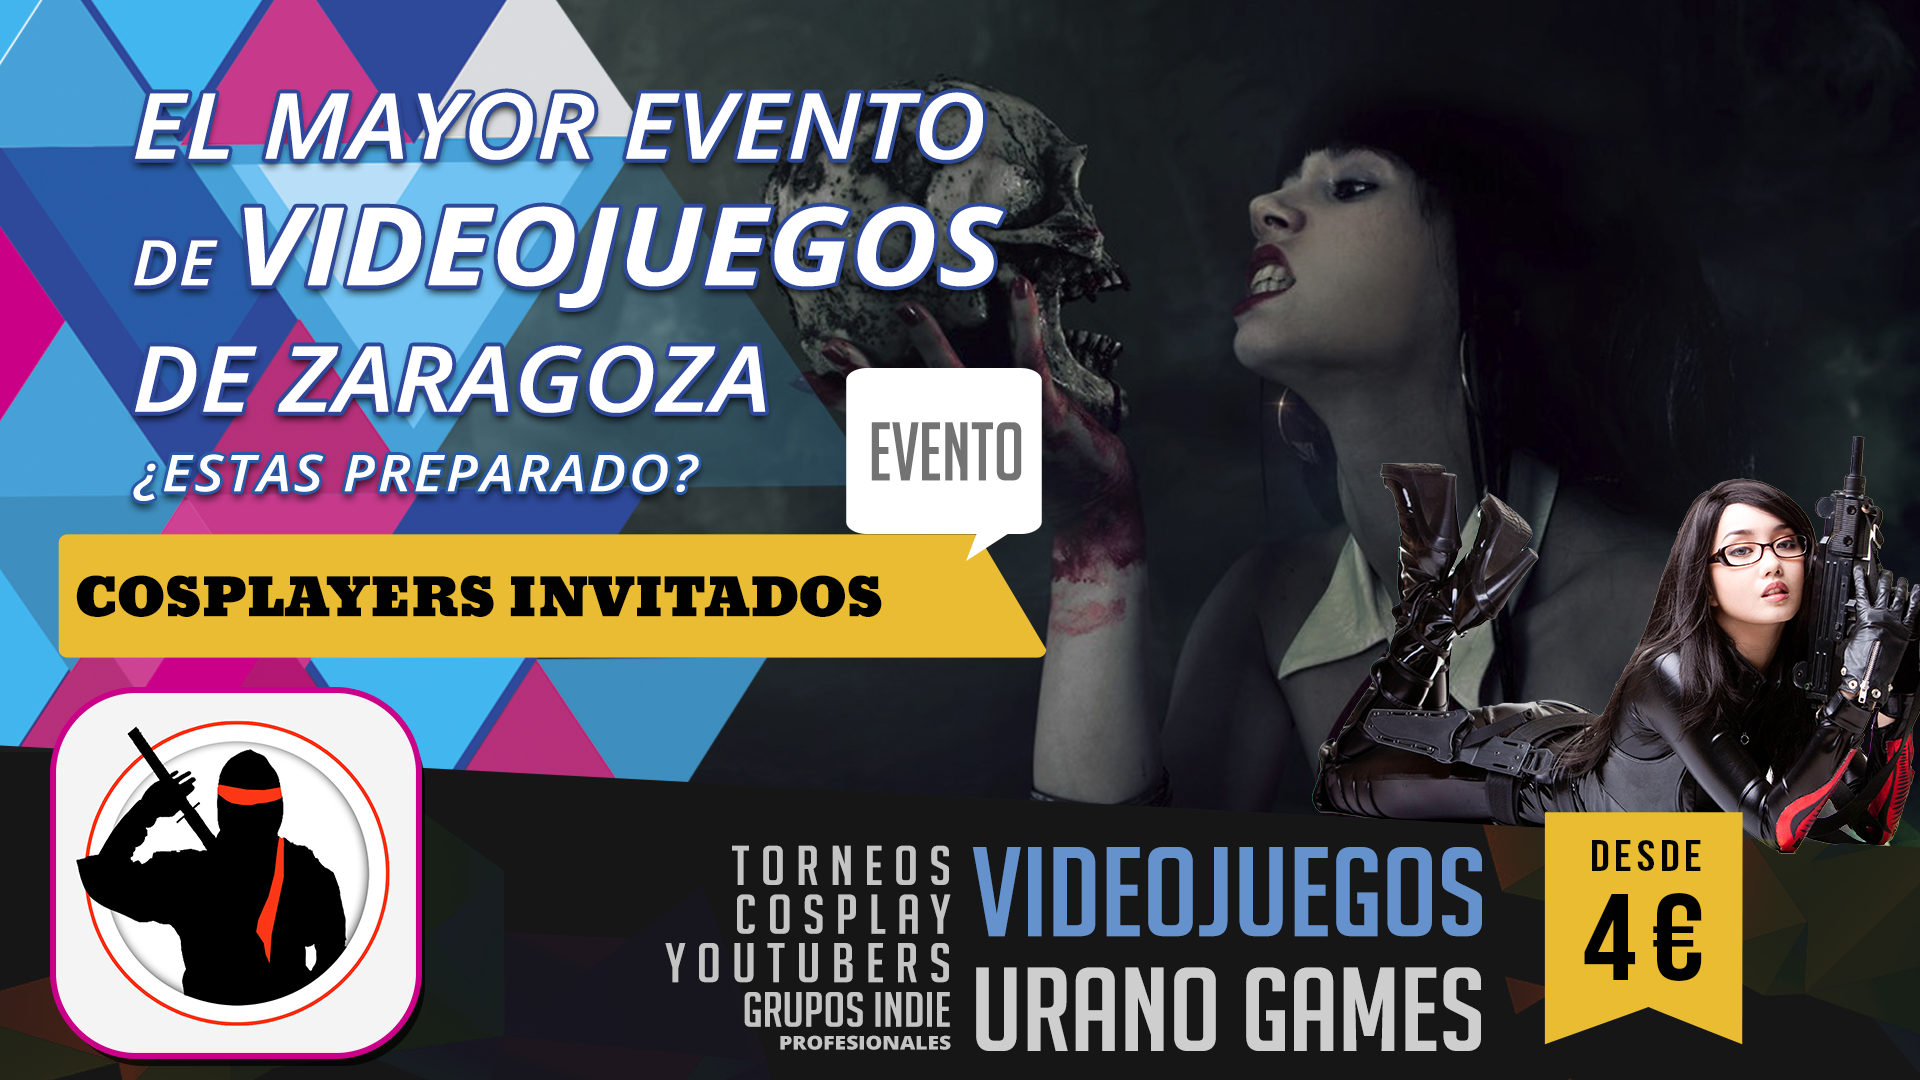 Cosplayer Concurso y Videojuegos Zaragoza | Urano Games